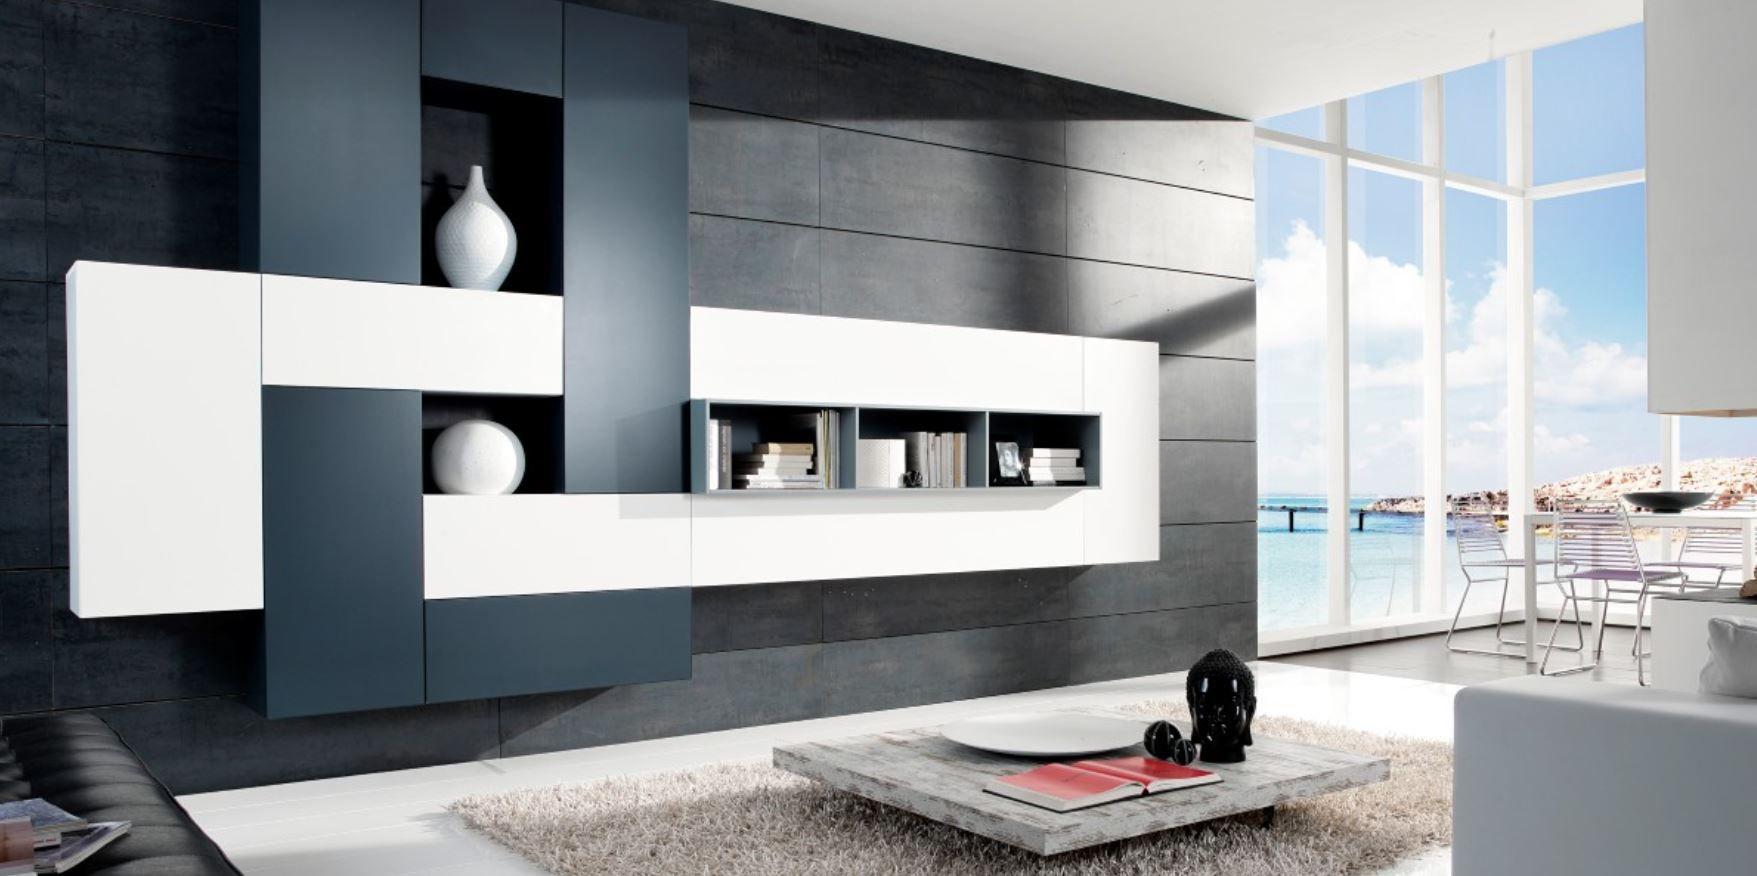 progettiamo l'arredamento su misura per la tua casa, classico ... - Arredamento Moderno Lecce